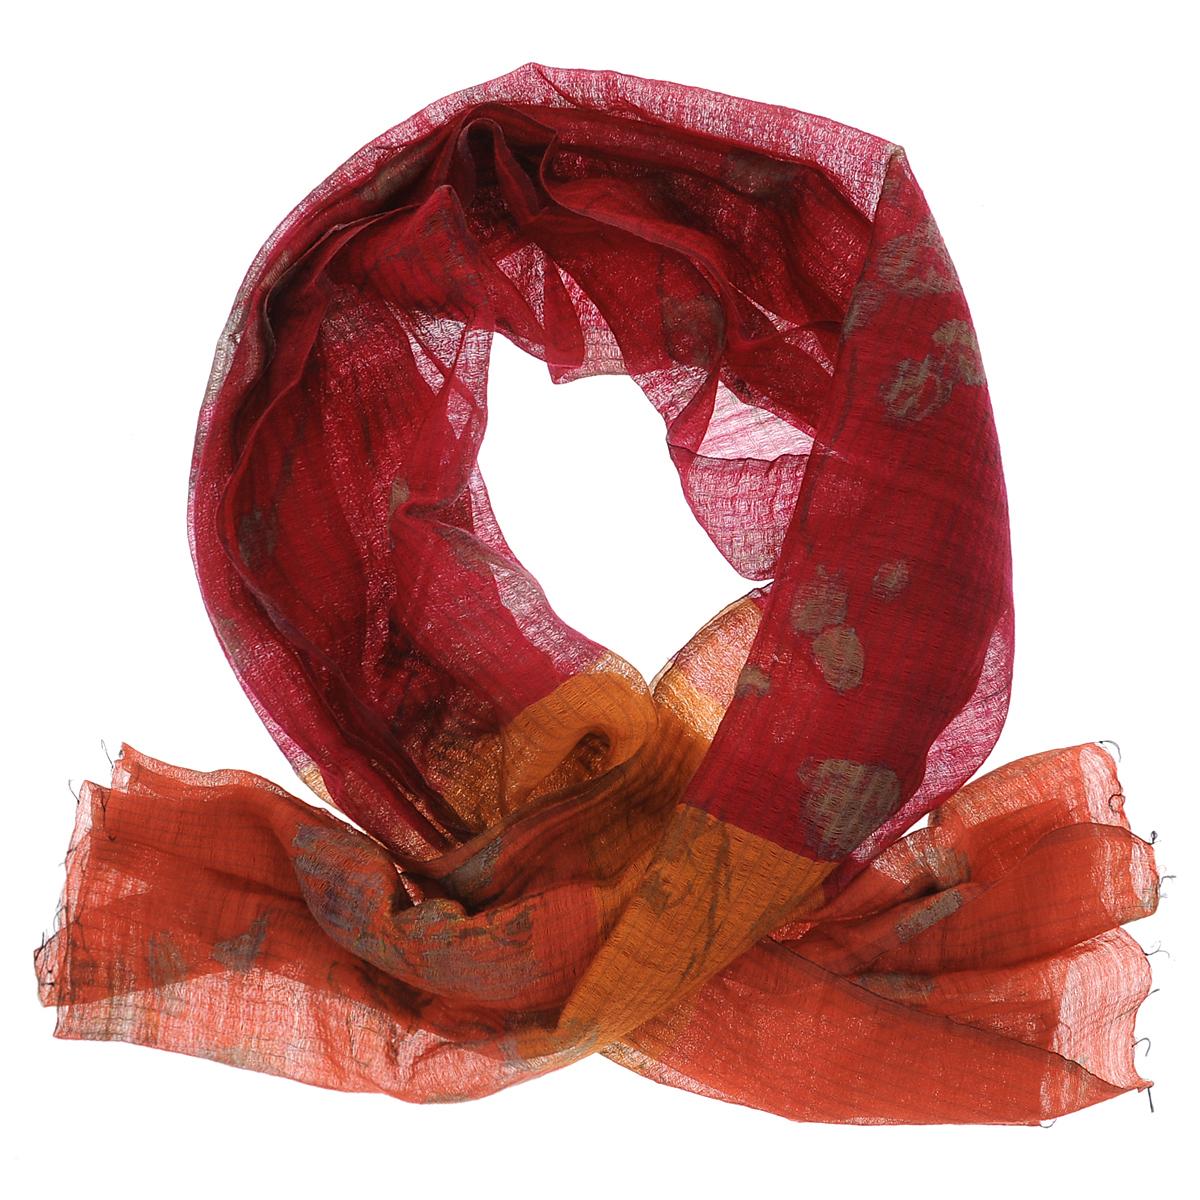 Палантин. SW-ORCHIDSW-ORCHID/BLUE.GRСтильный палантин Michel Katana согреет в холодное время года, а также станет изысканным аксессуаром, который призван подчеркнуть вашу индивидуальность и стиль. Палантин выполнен из шерсти с добавлением шелка и декорирован цветочным орнаментом. По краям изделие оформлено кисточками.